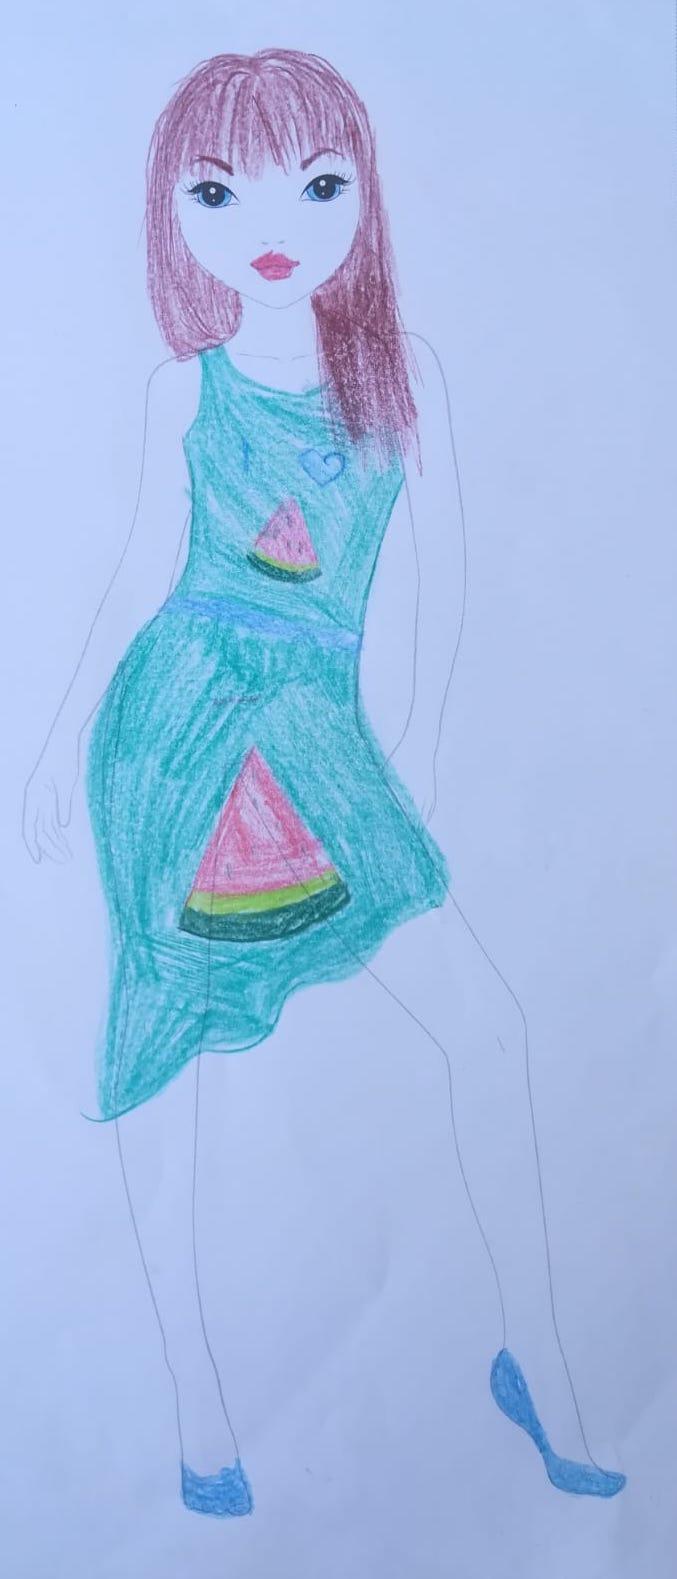 Valentina C., 11 Jahre, aus Bolzano